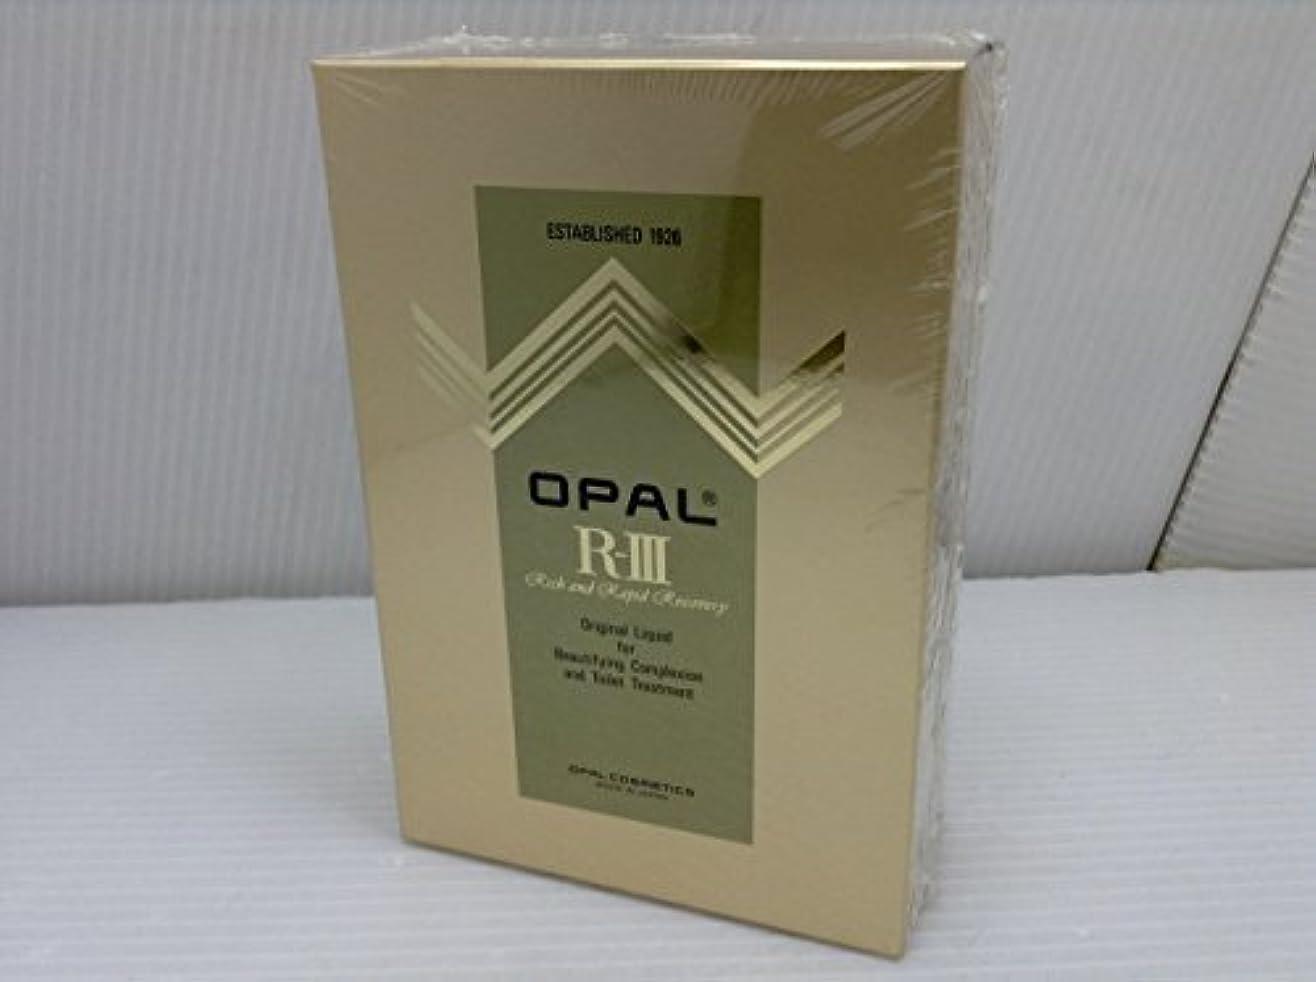 ジュニア極めて重要な国家オパール化粧品 美容原液 薬用オパール R-III (250ml)